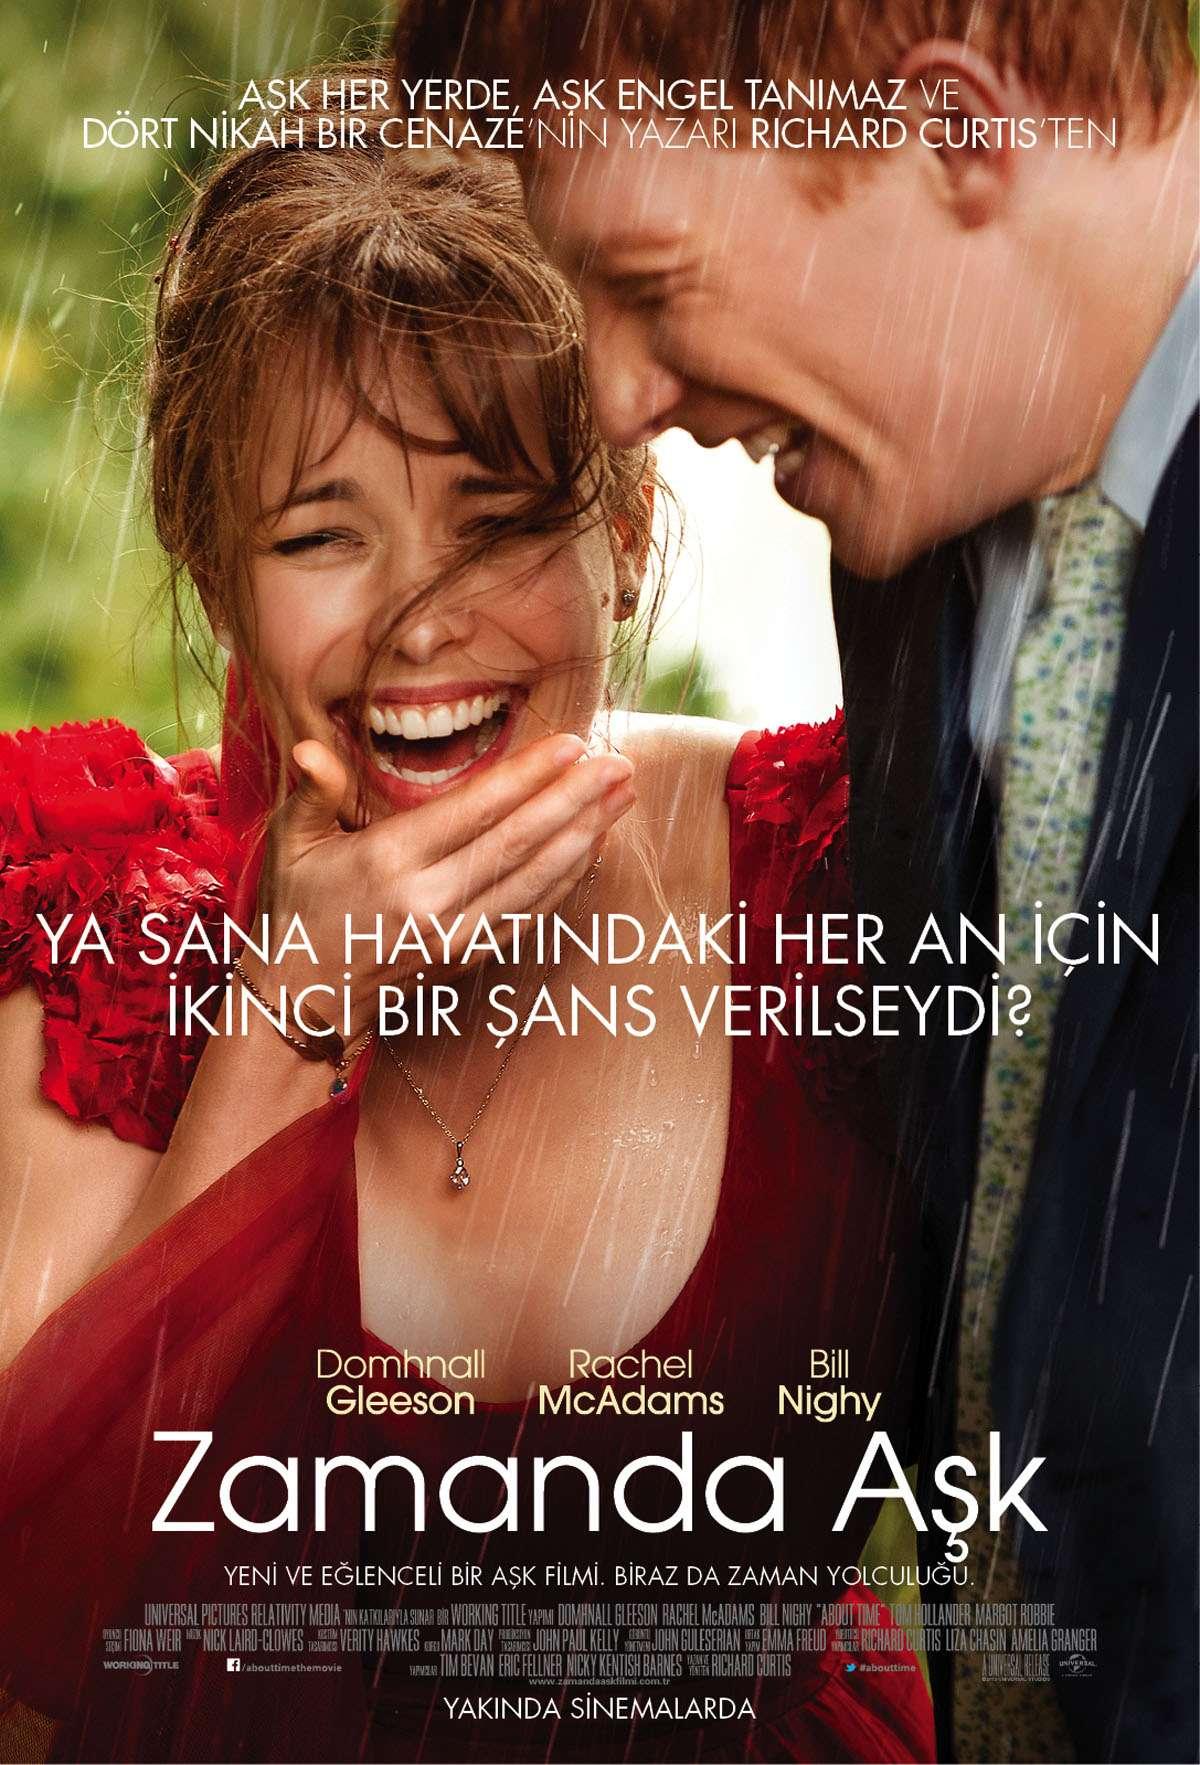 Zamanda Aşk - 2013 BRRip XviD AC3 - Türkçe Dublaj Tek Link indir